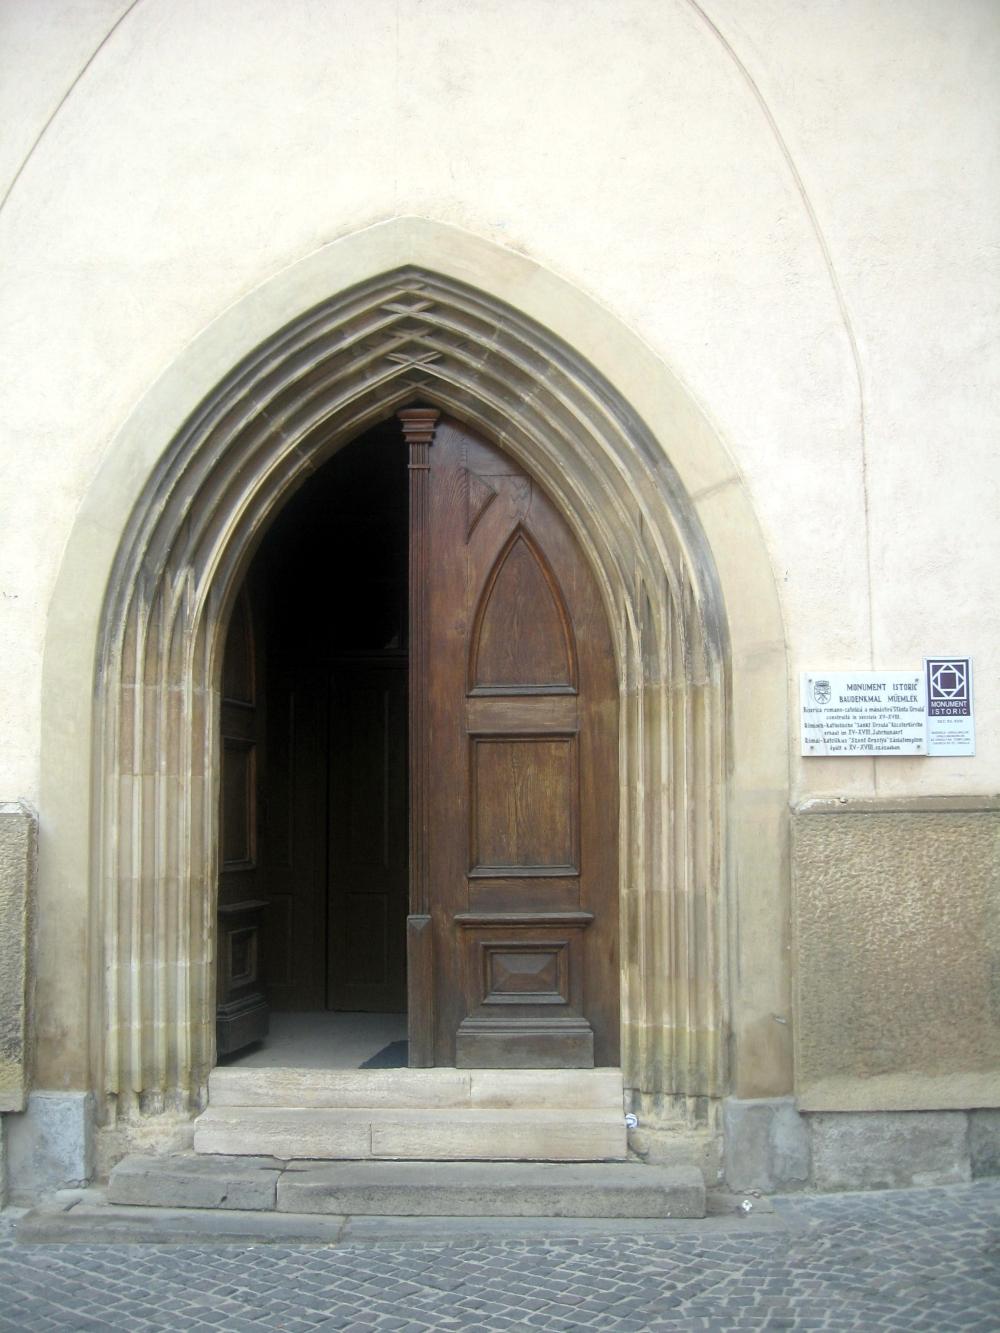 Die Legenden der unterirdischen Tunneln unter der Ursulinenkirche